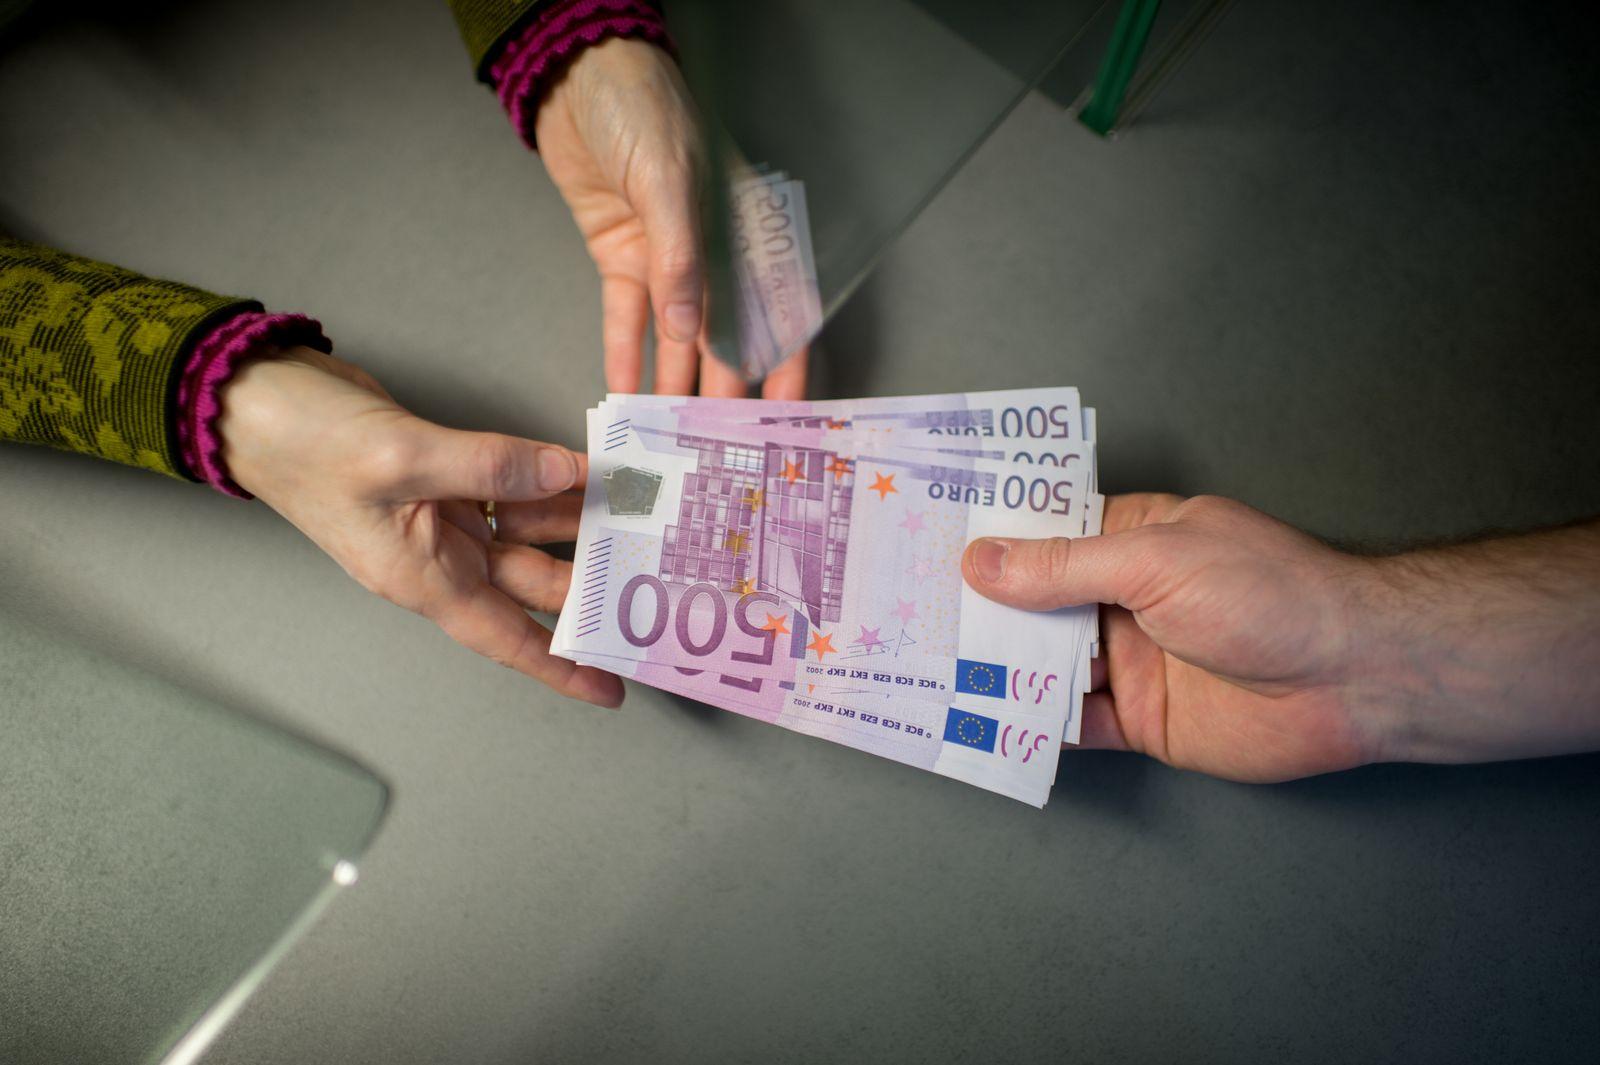 Bargeldlimit / Euroscheine / Bezahlen